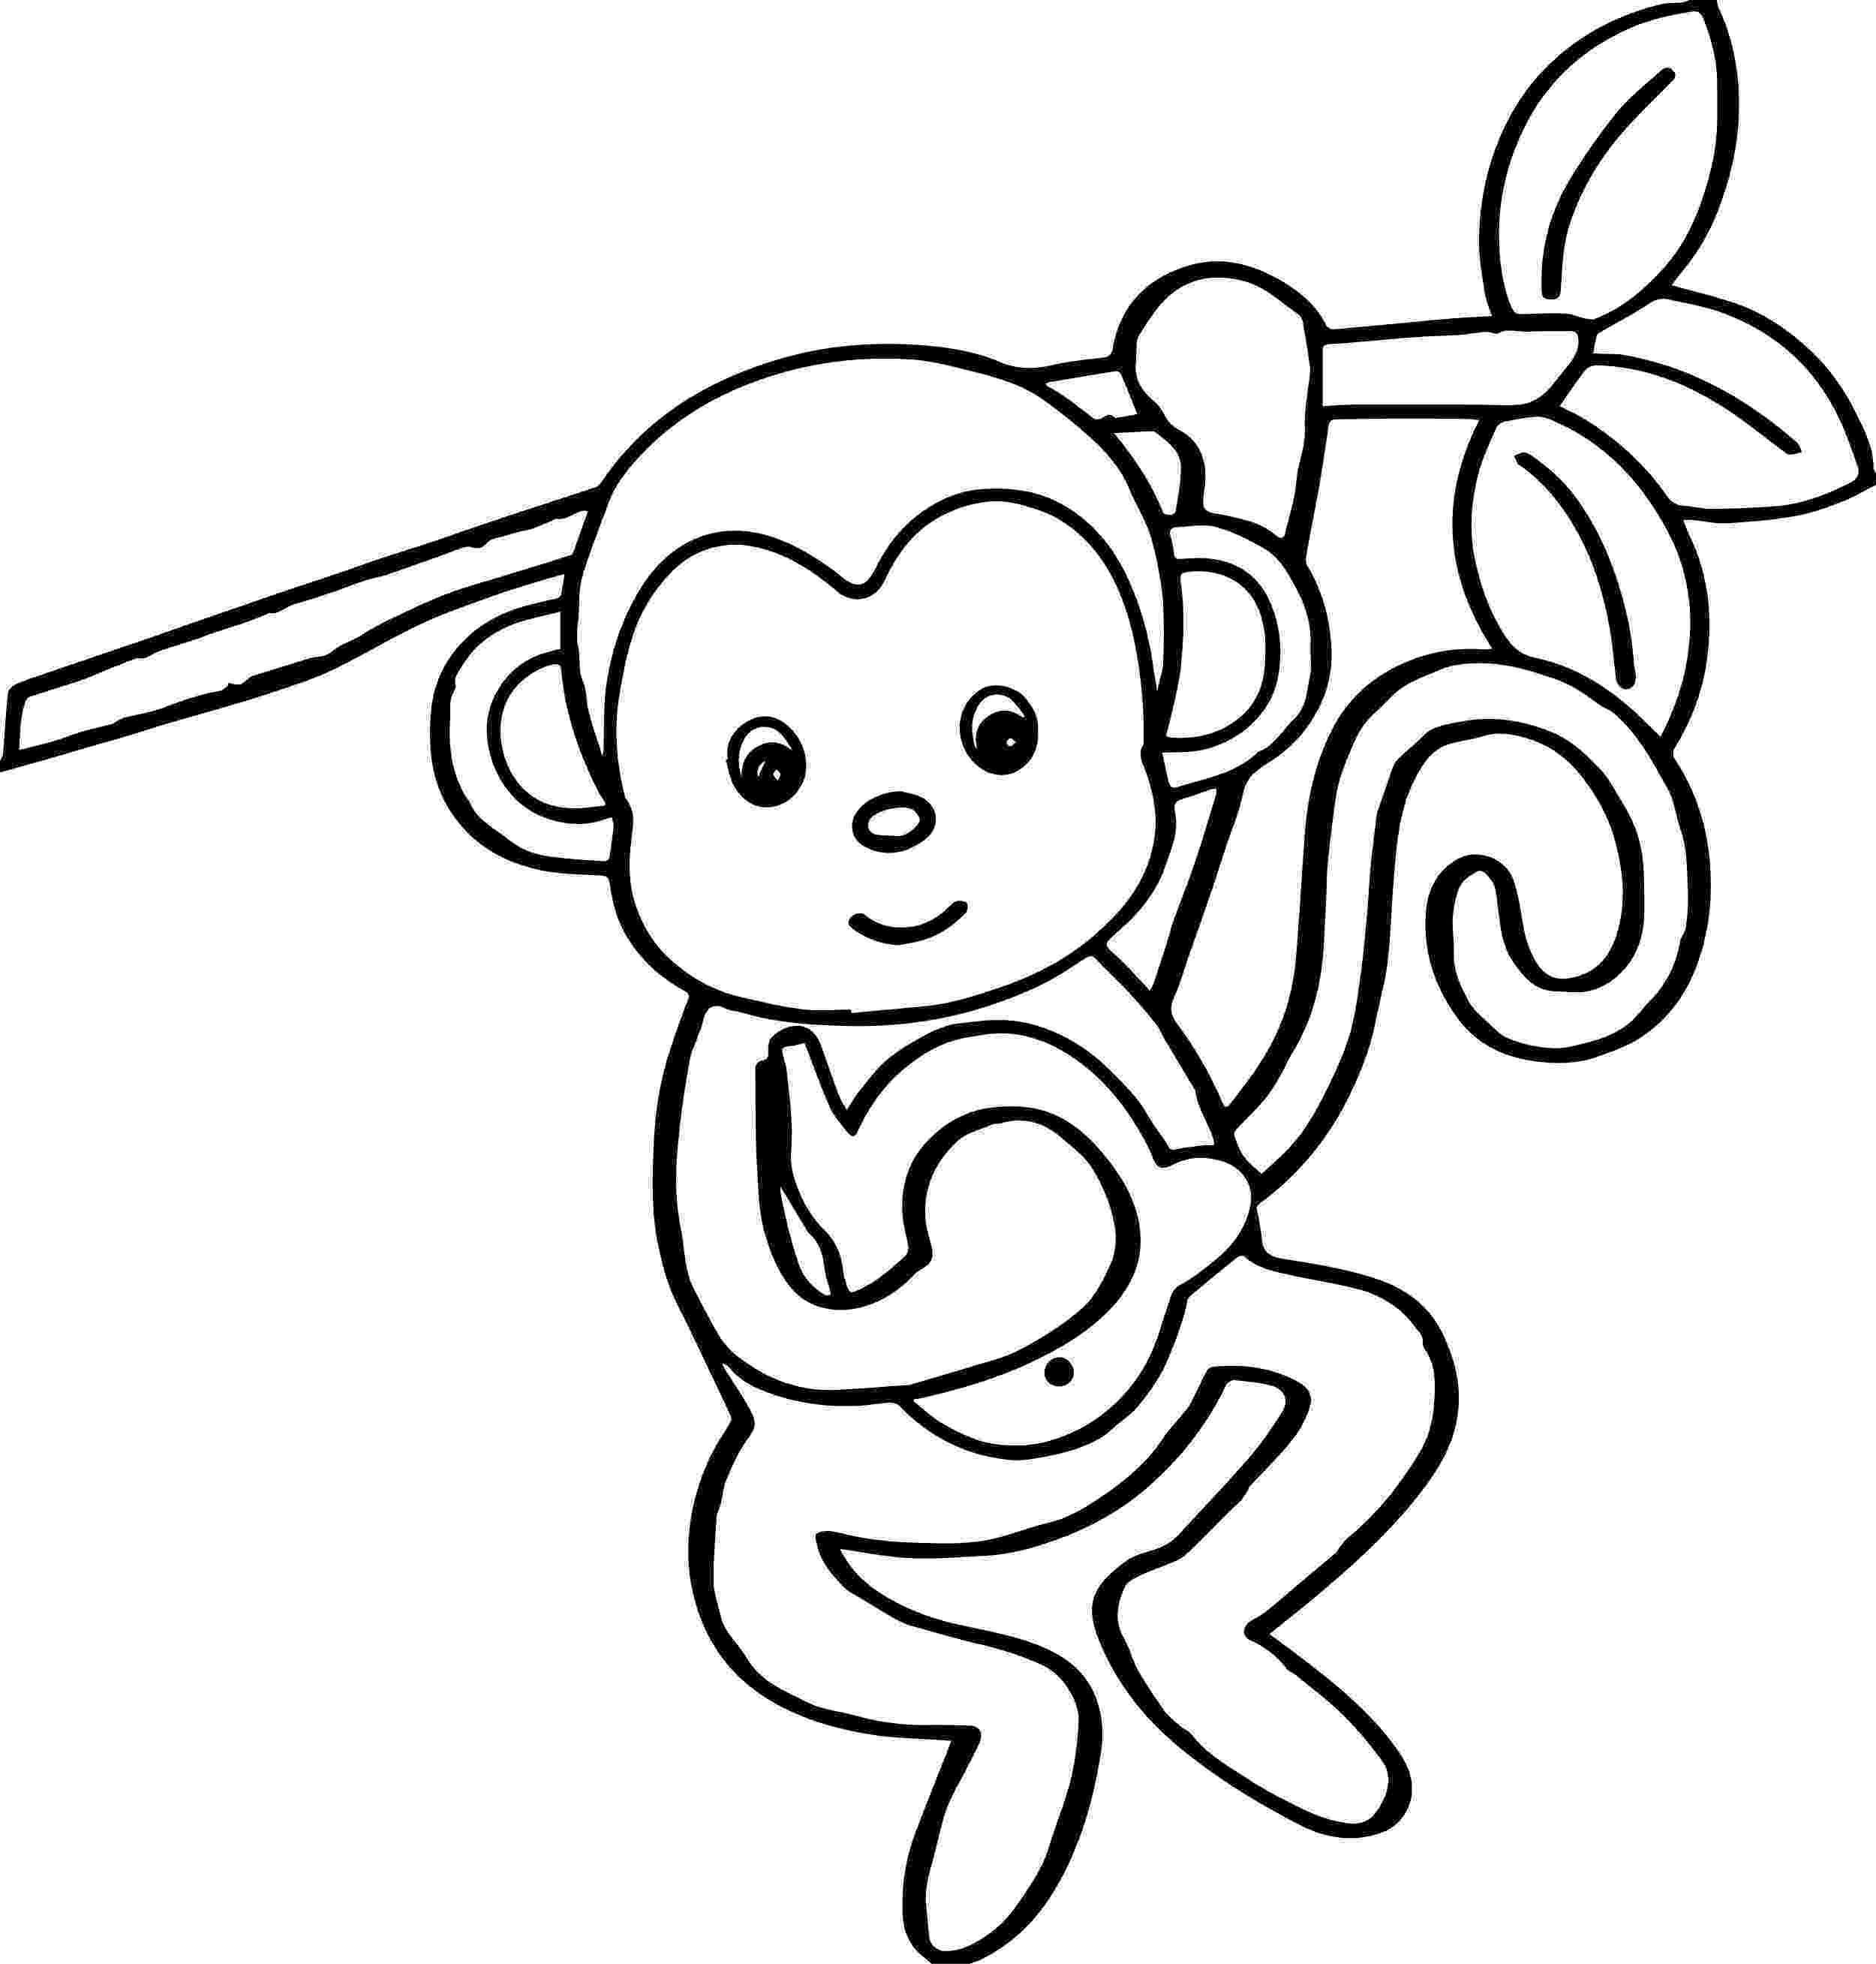 monkey cartoon coloring smiling monkey coloring page h m coloring pages cartoon monkey coloring